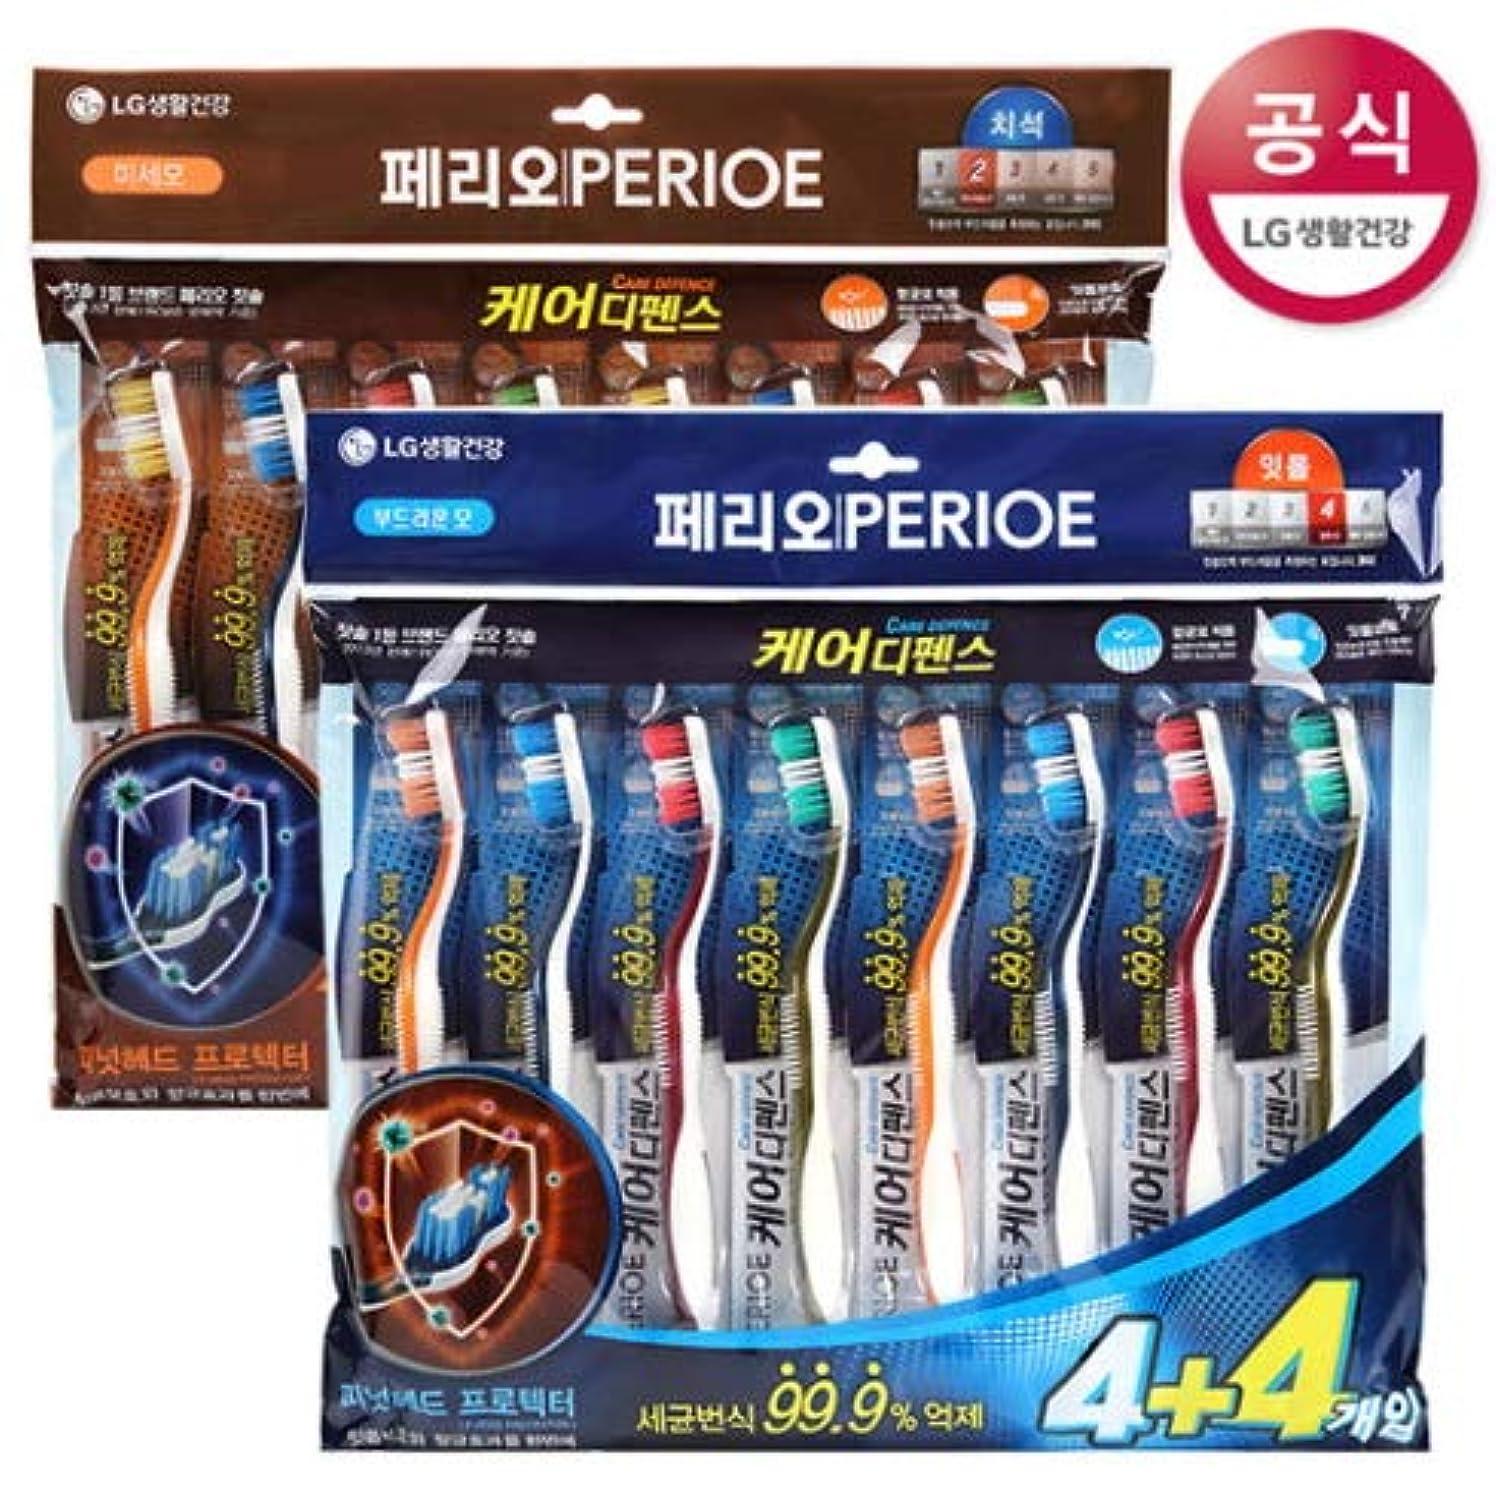 裁判所完了意気込み[LG HnB] Perio CareDance Toothbrush/ペリオケアディフェンス歯ブラシ 8口x2個(海外直送品)